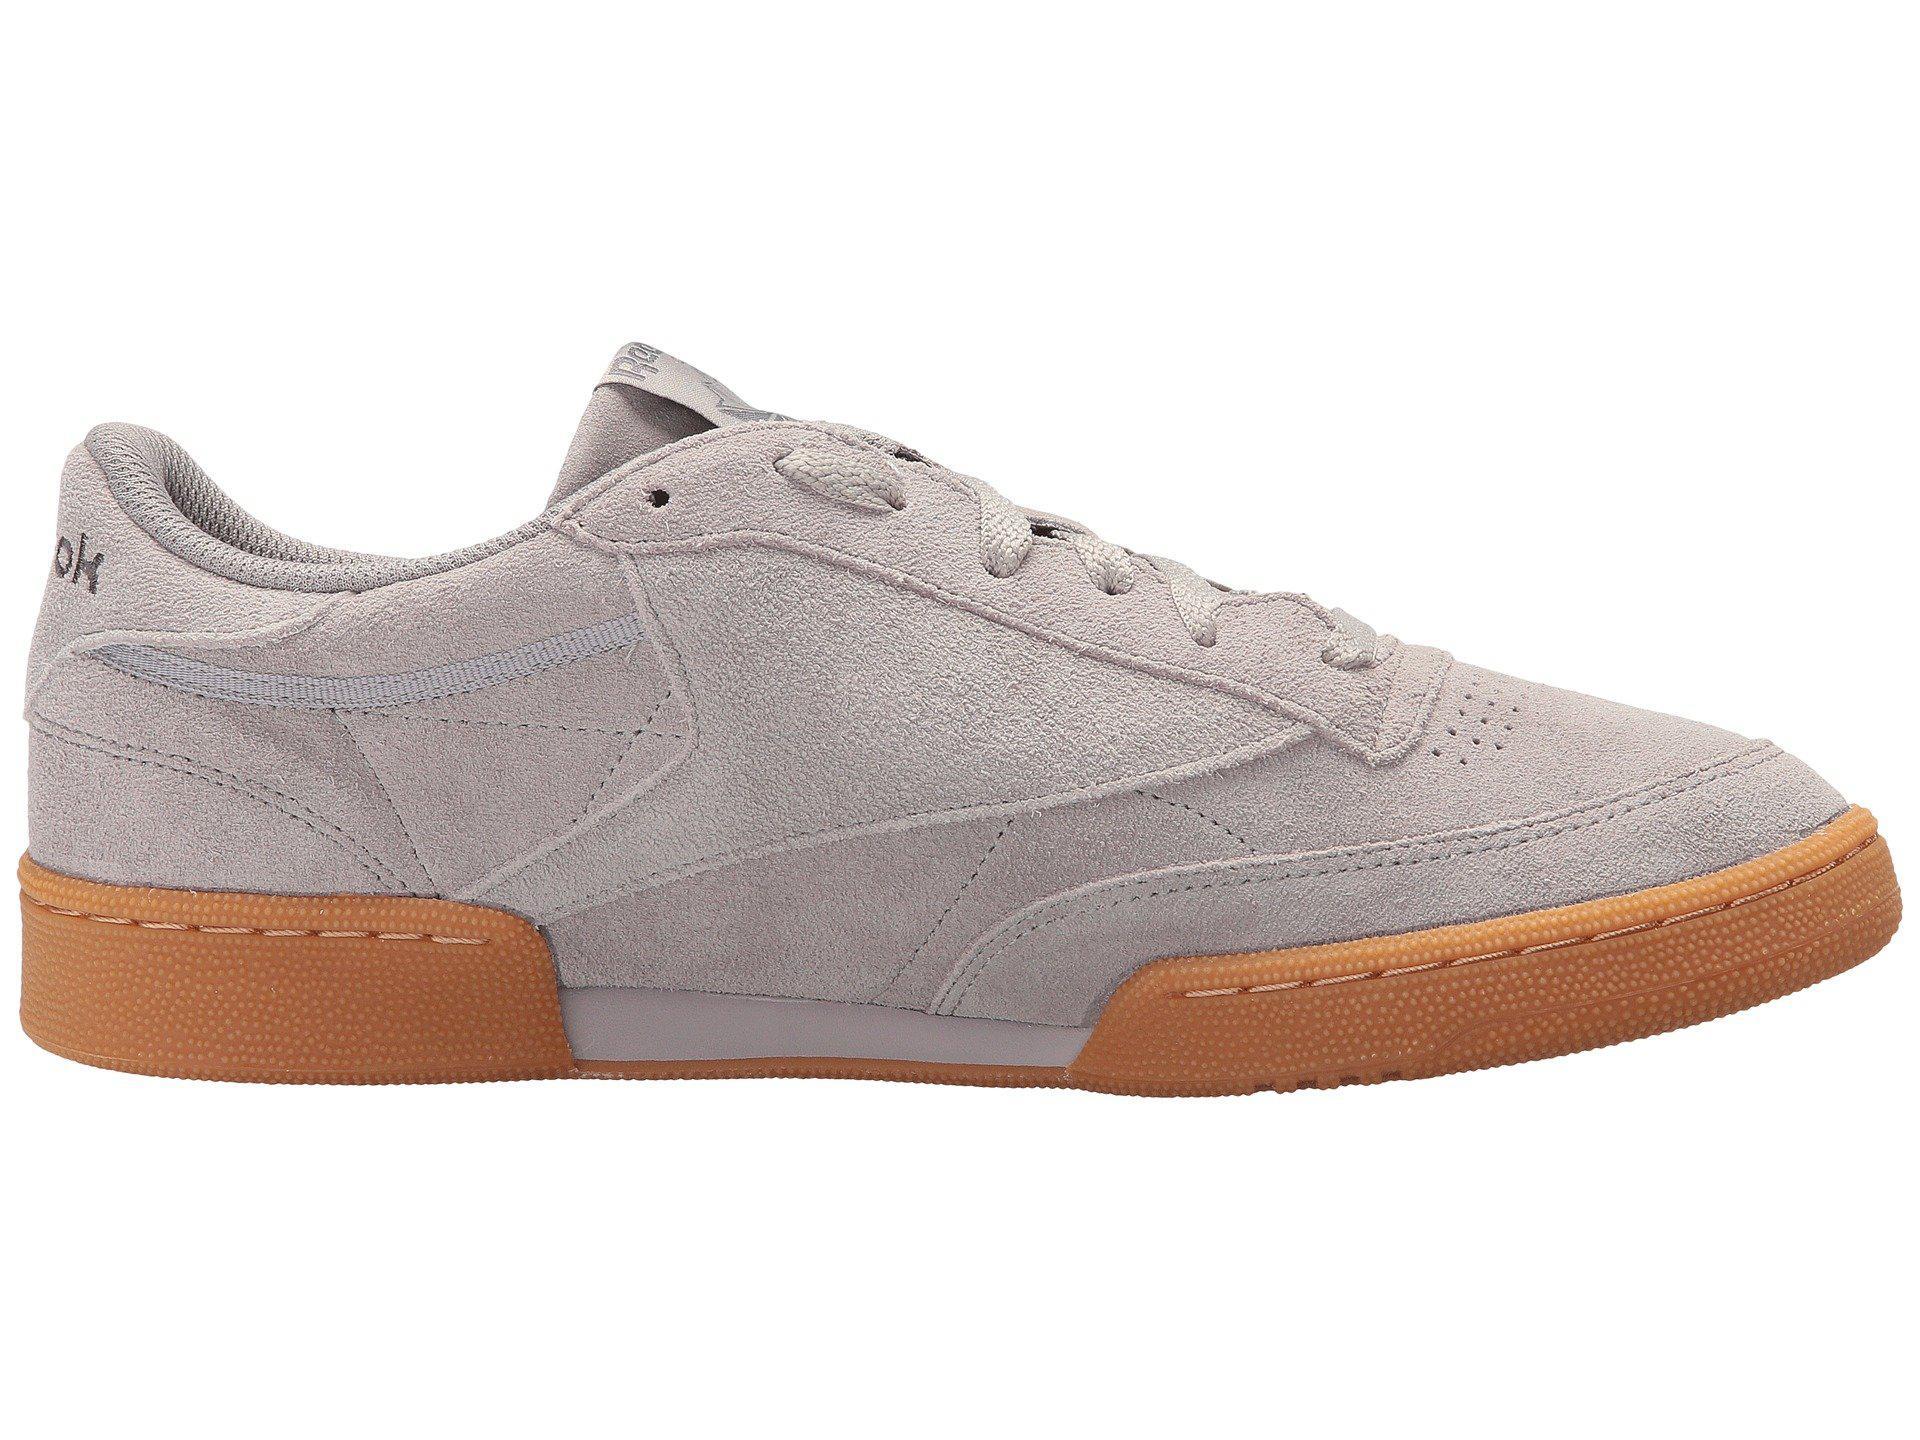 Reebok Denim Club C 85 Gs Sneaker in